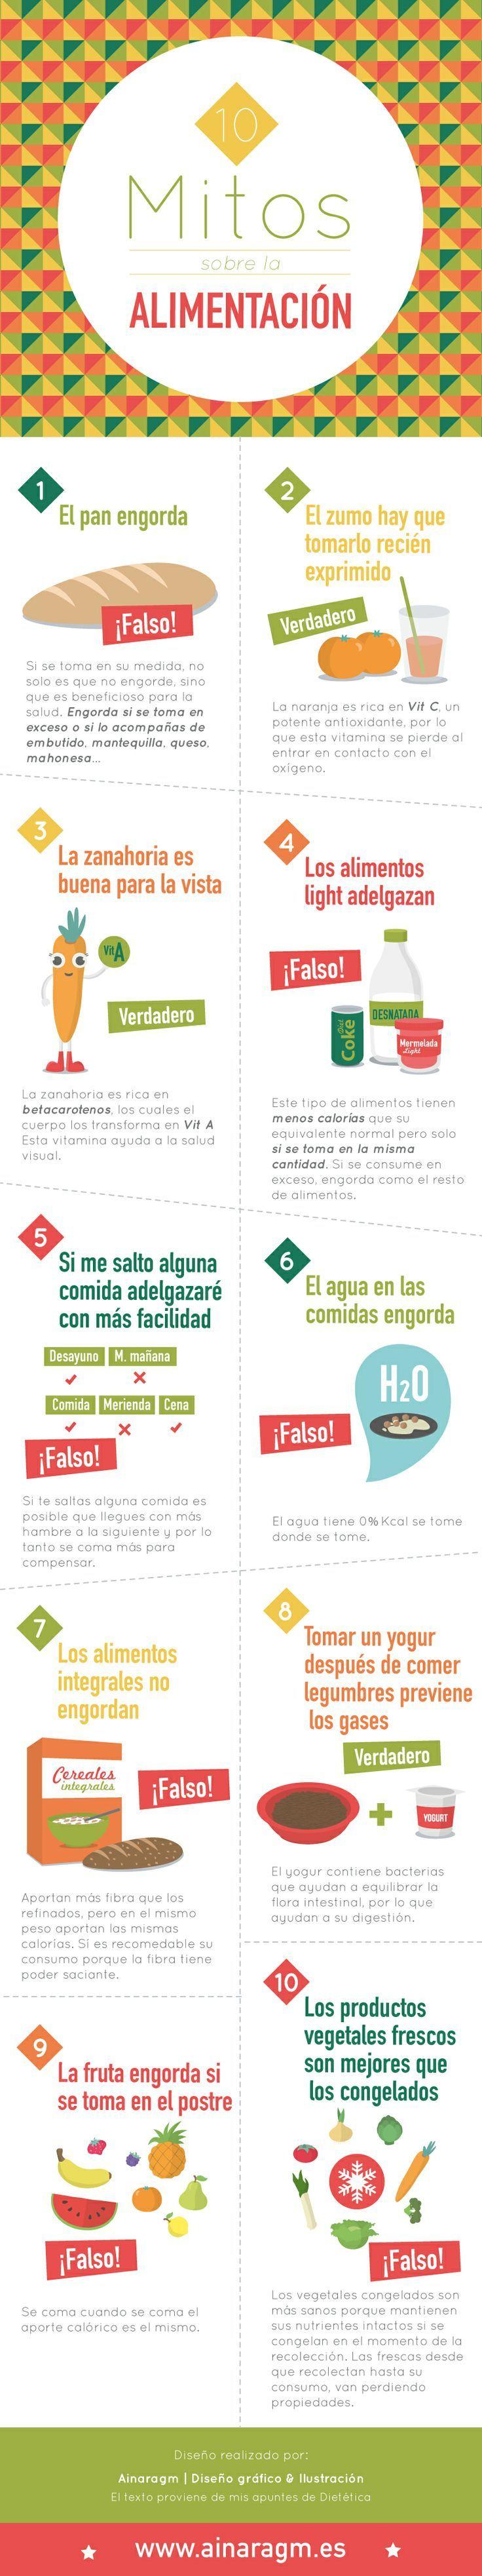 Mitos y verdades sobre la alimentación #infografía #nutrición #alimentación